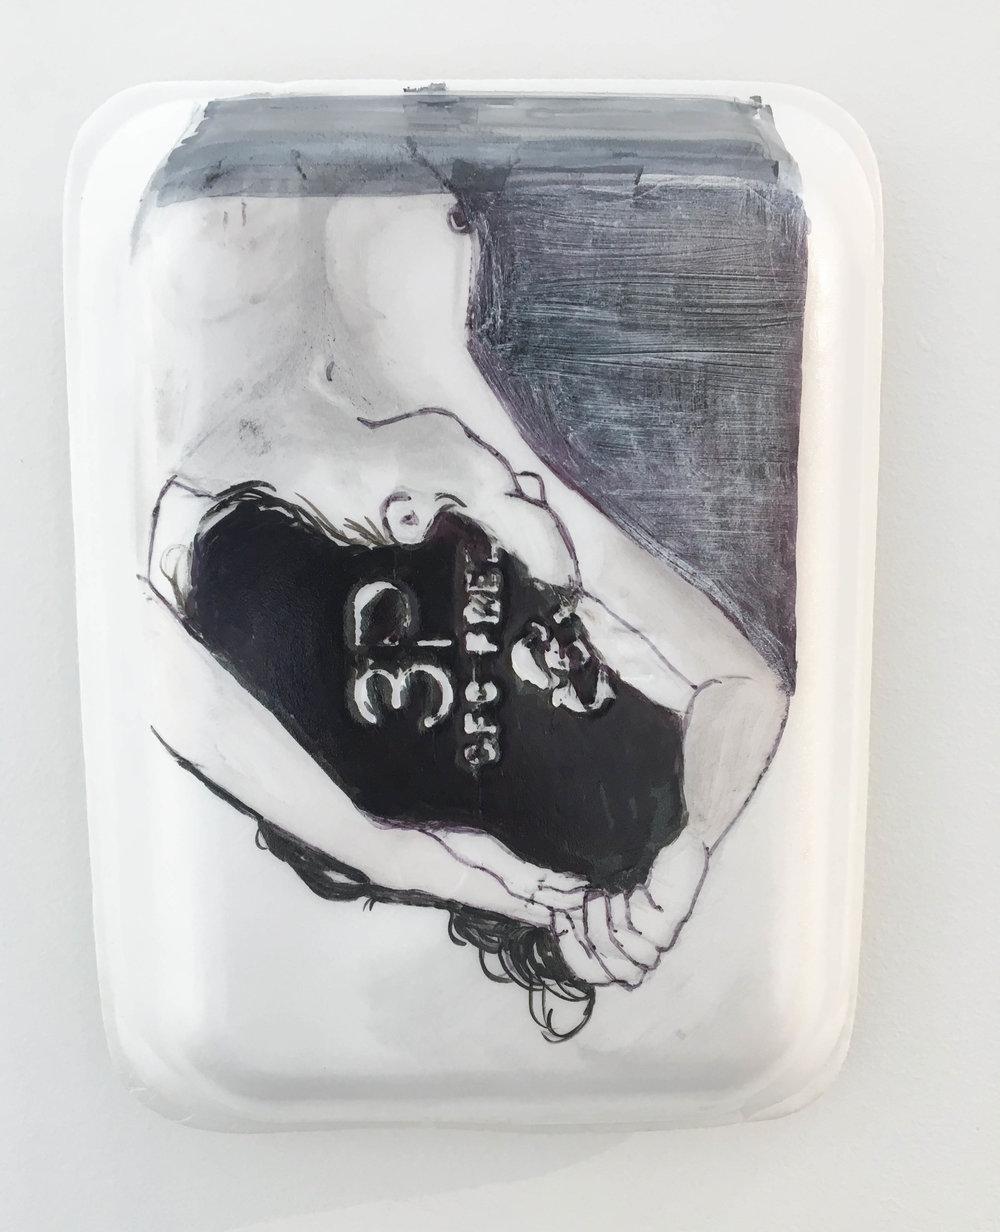 <b>Julianne Wallace Sterling</b><br>Untitled 4<br>9 x 7 in.